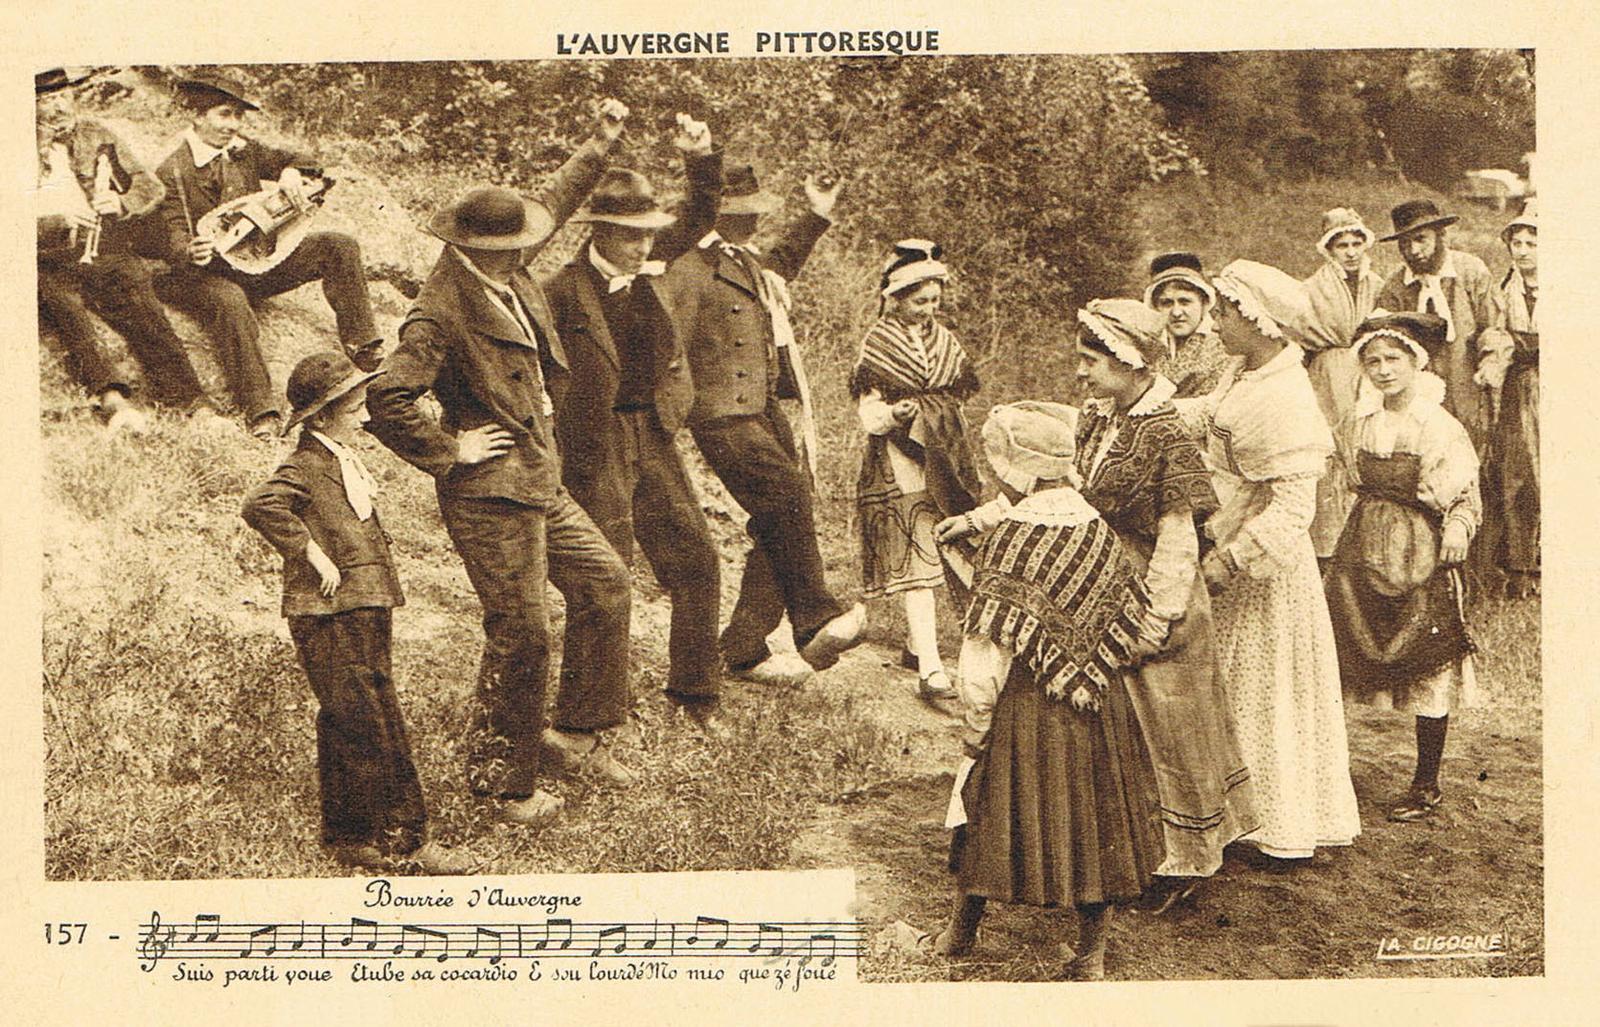 -  cpa groupe folklorique - danseurs - bourrée d'Auvergne - l'Auvergne pittoresque - ref. 157 - Ed. la Cigogne - carte écrite en 1954.